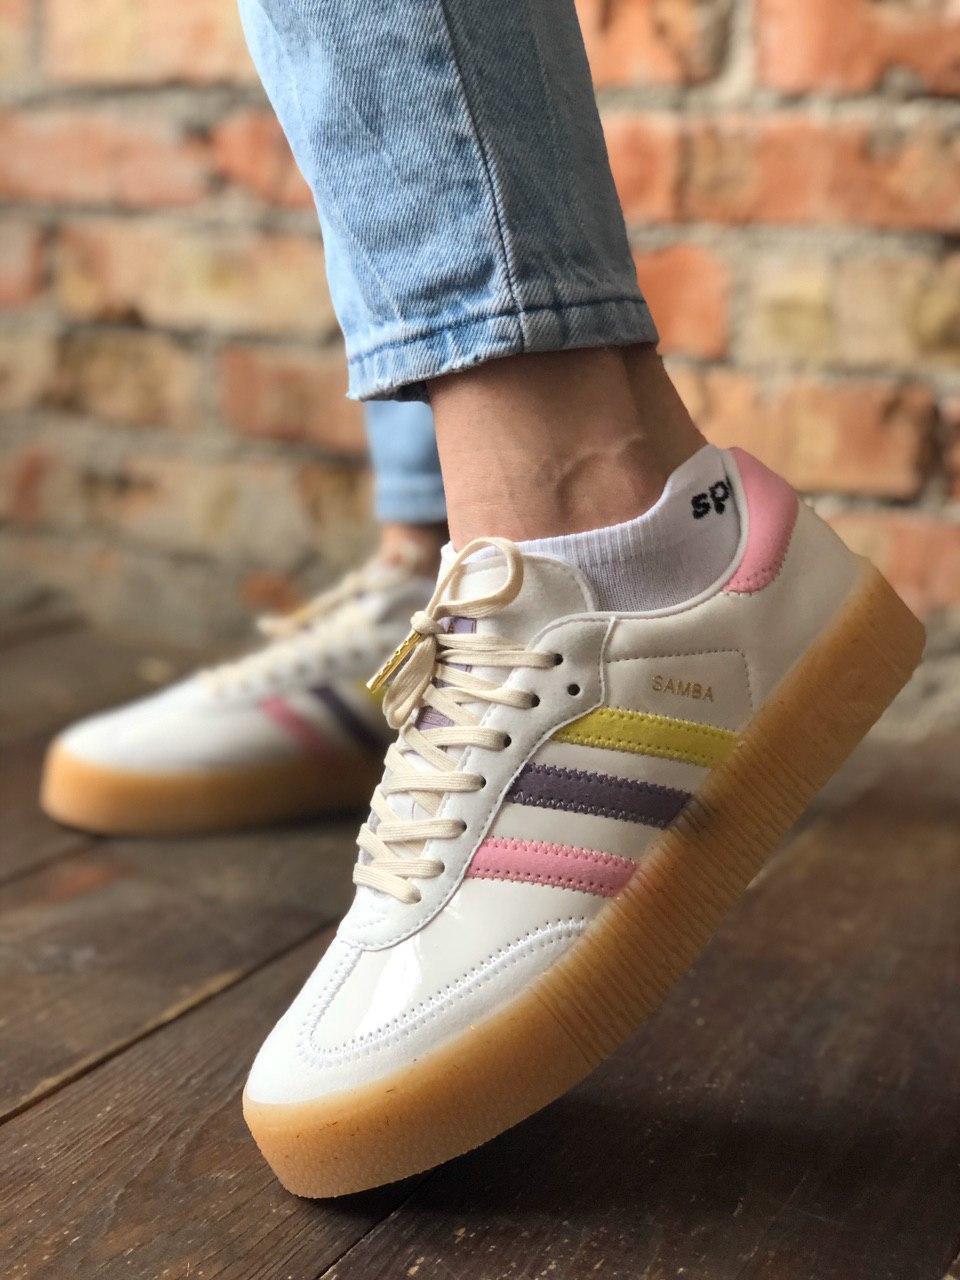 Жіночі кросівки Adidas Samba white (Адідас Самба)